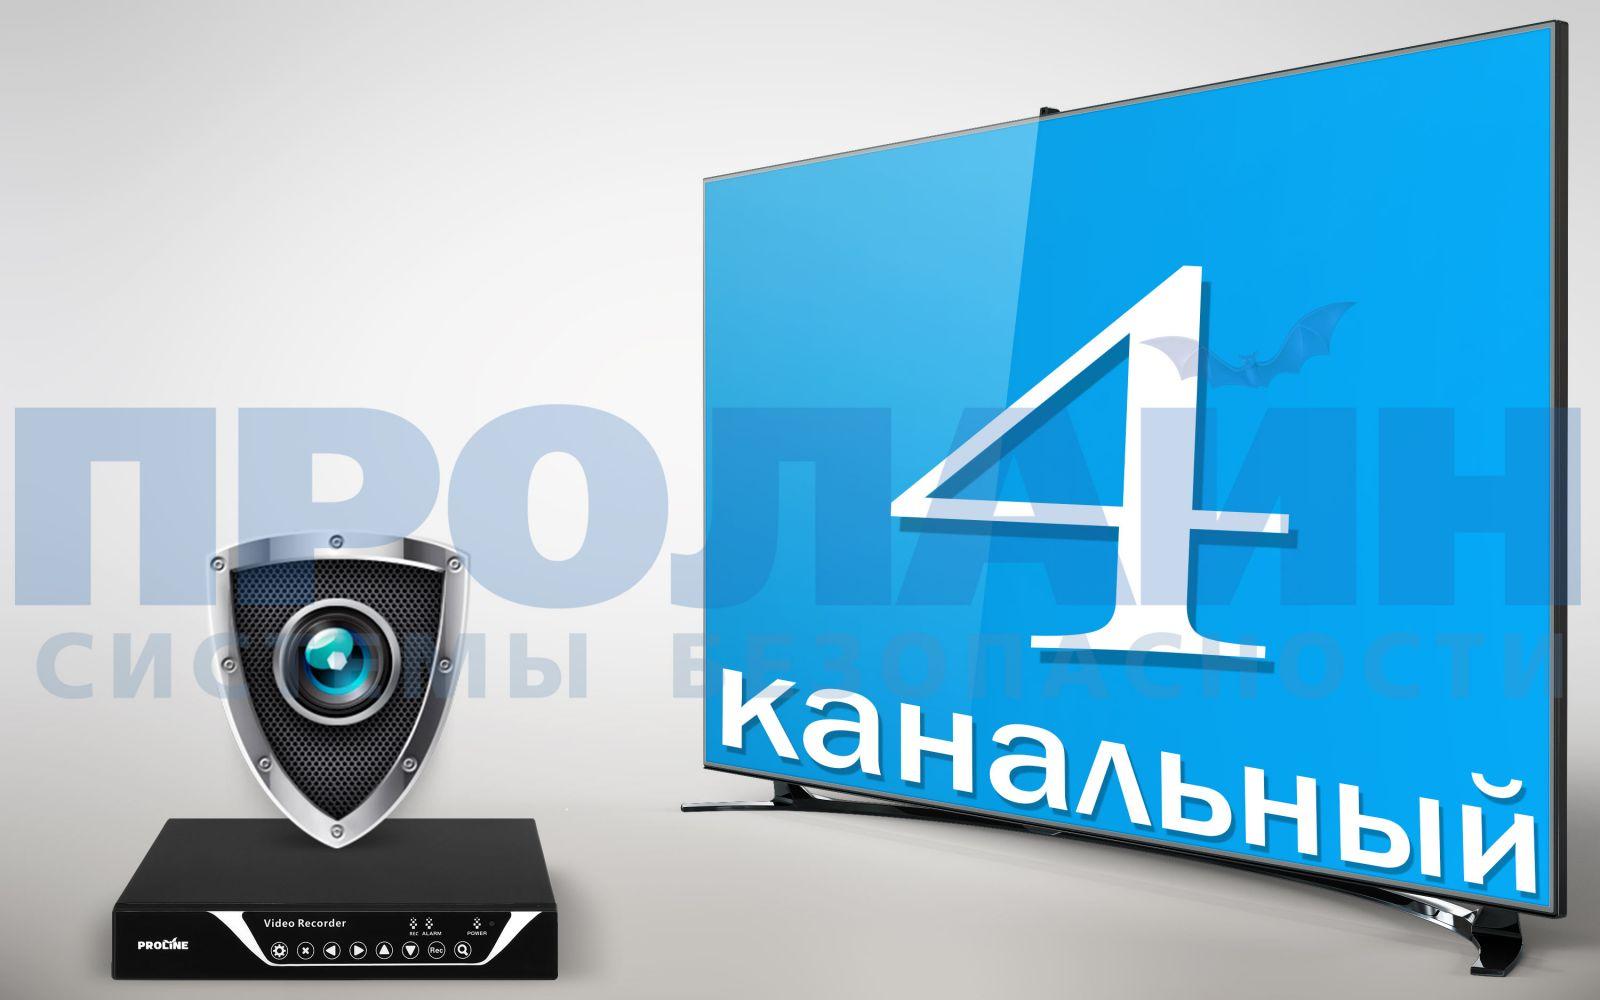 4-х канальный XVR 5в1 видеорегистратор Proline PR-X2404Dv2